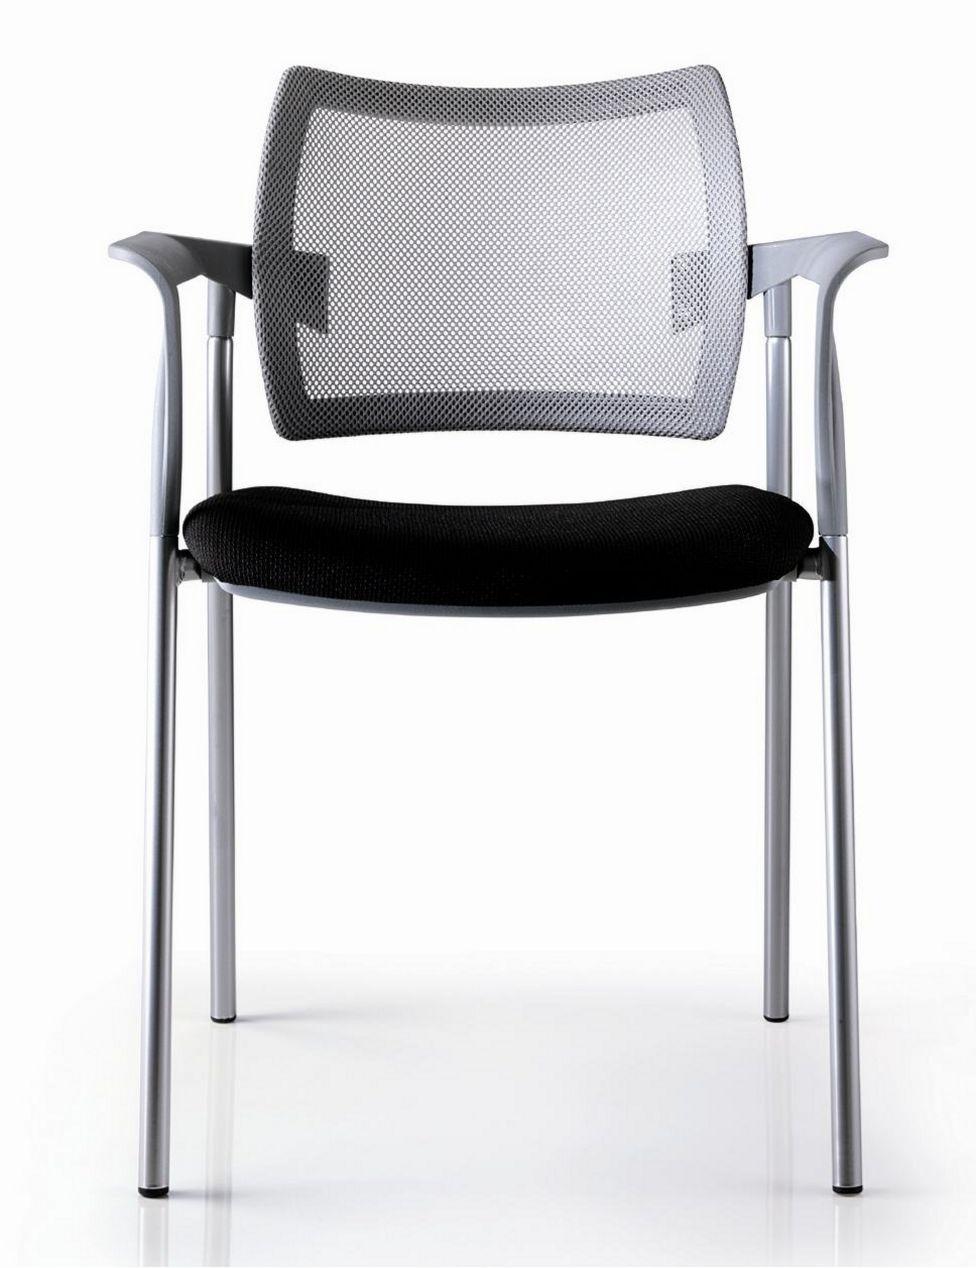 stapelbarer Stuhl für den Konferenzraum Rückenlehne mit Netzbezug